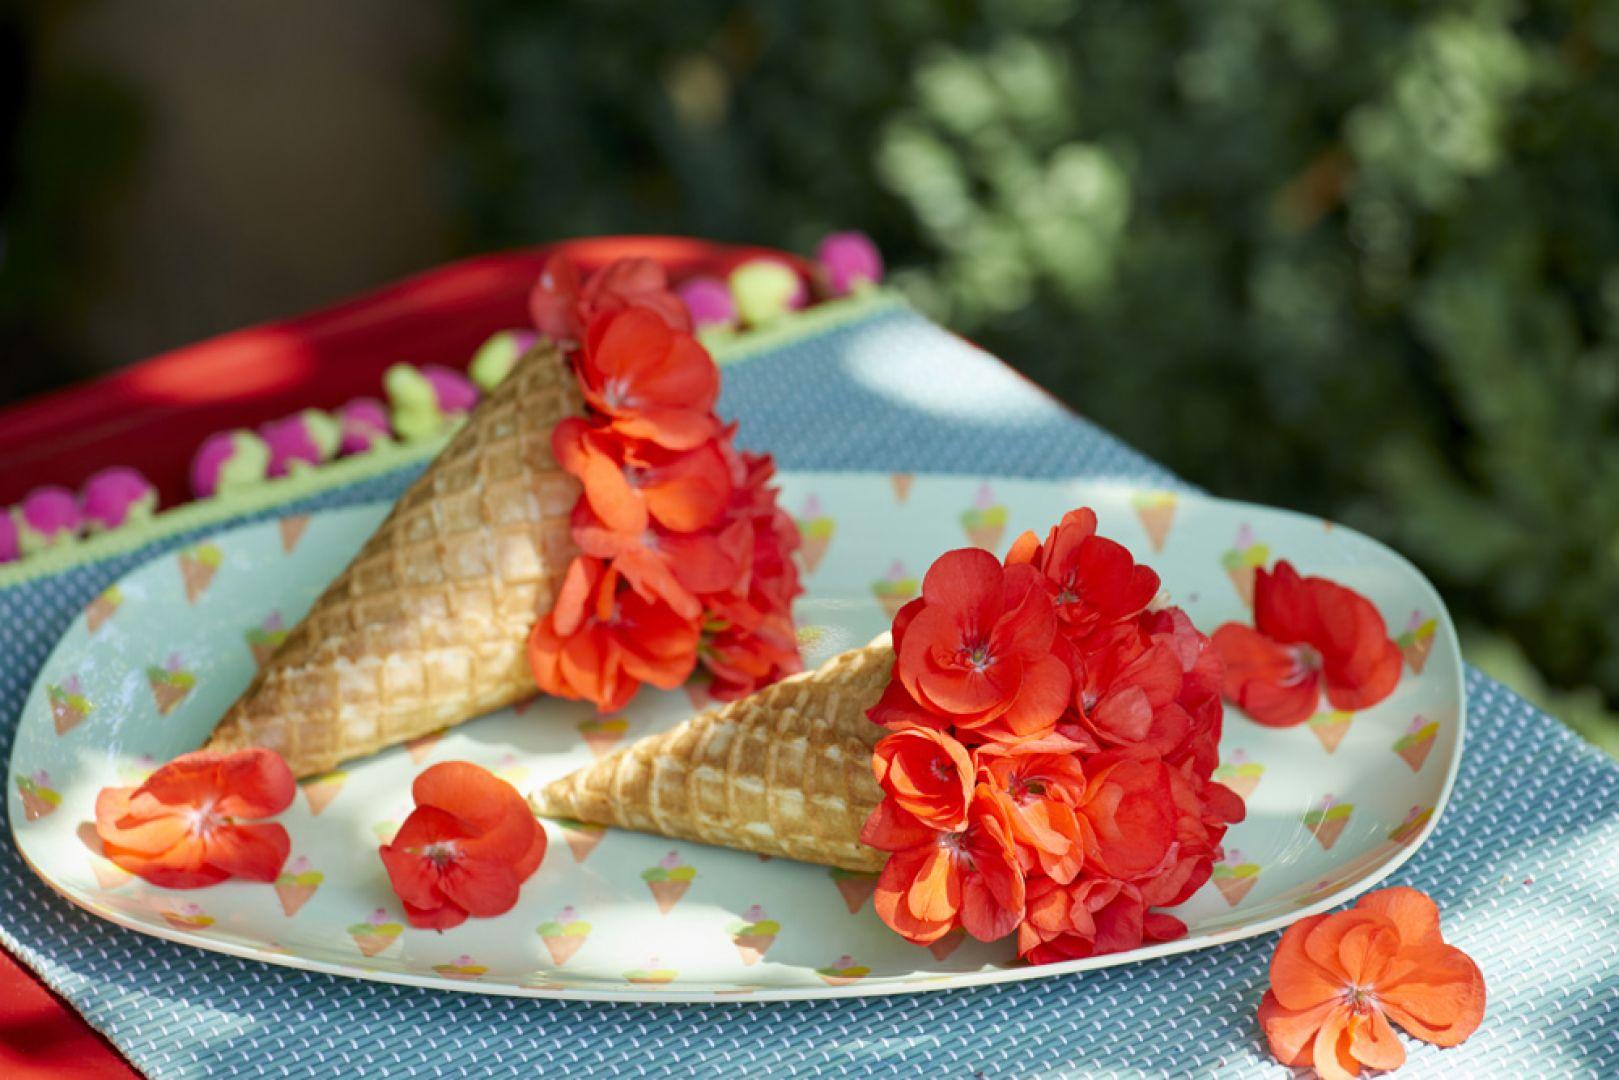 Odpowiednio pielęgnowane pelargonie będą obficie kwitły na balkonie i w ogrodzie od wiosny aż do jesieni. Fot. Pelargonium for Europe